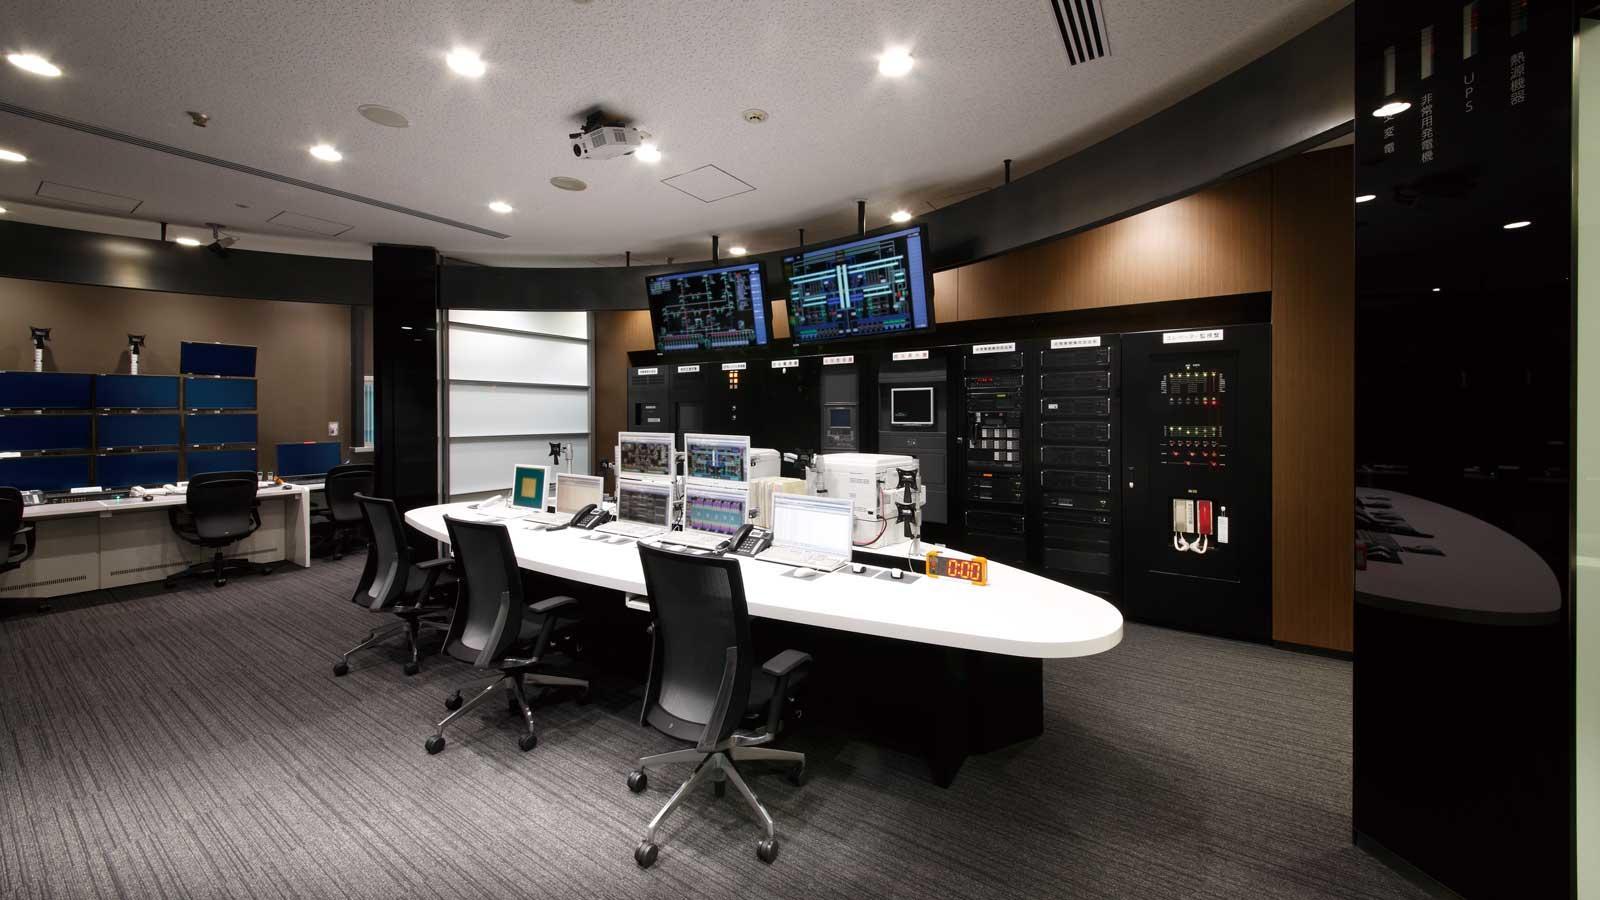 株式会社野村総合研究所 東京第一データセンター